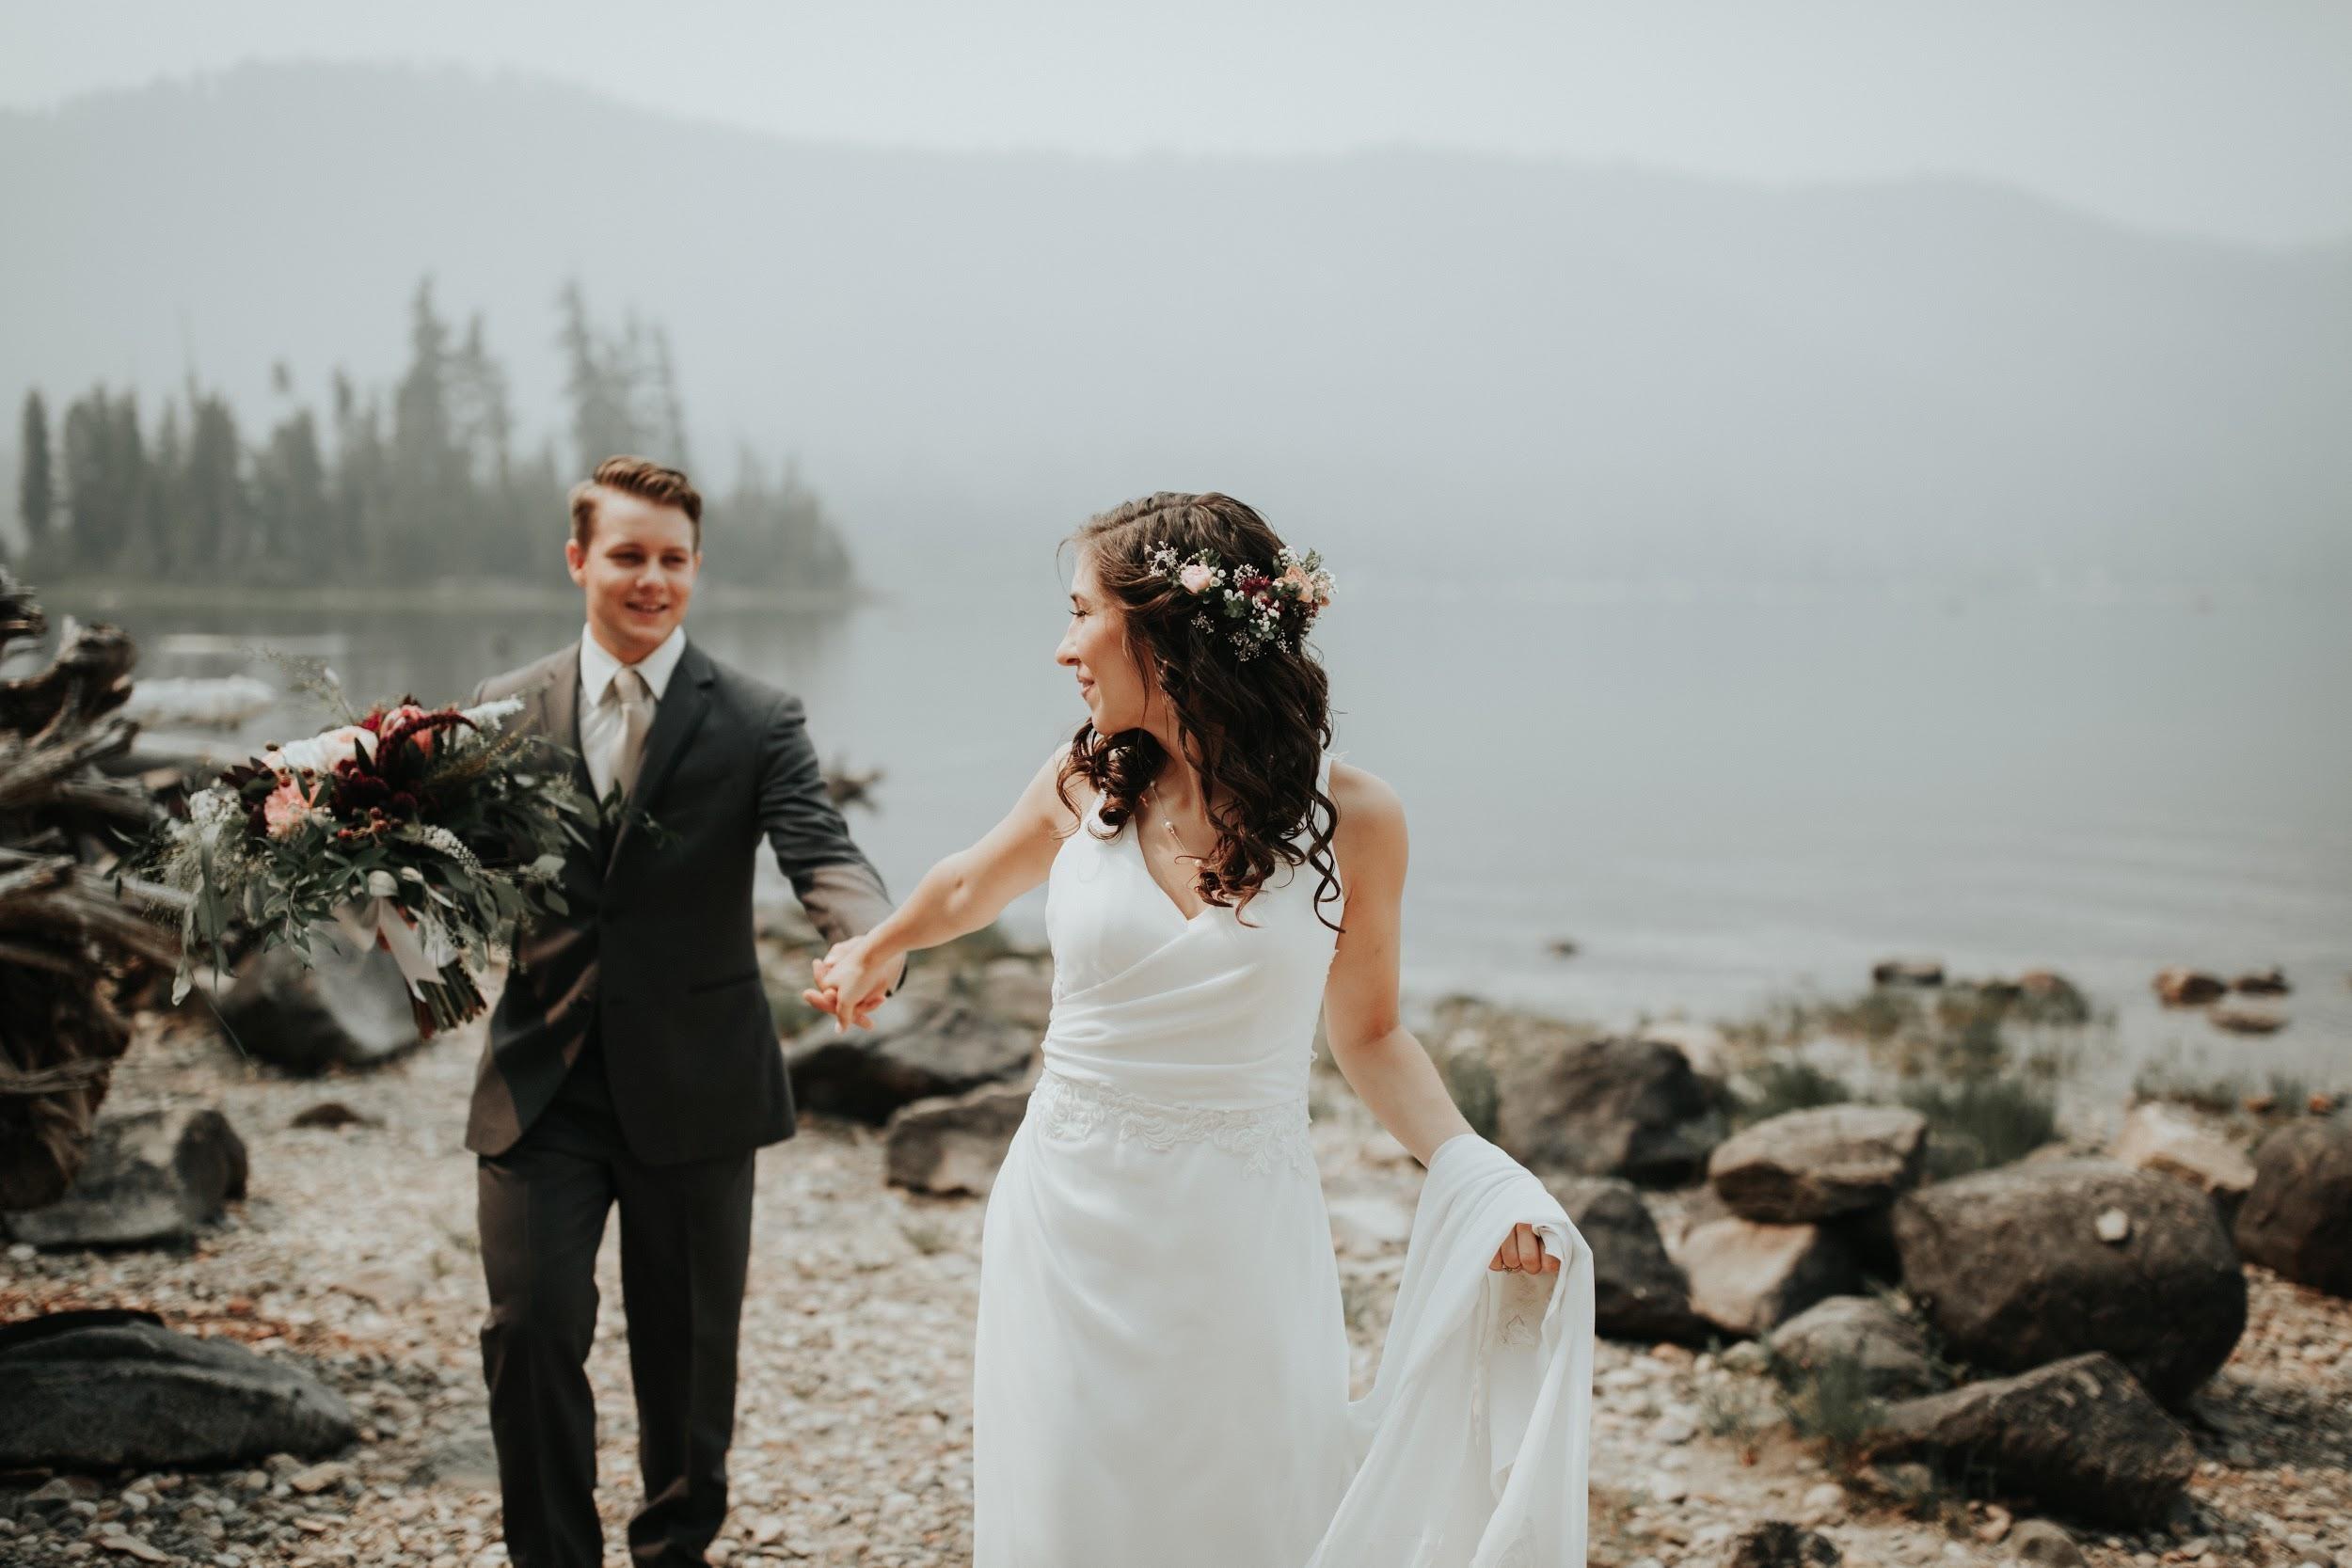 Eco-Friendly Wedding Ideas 1